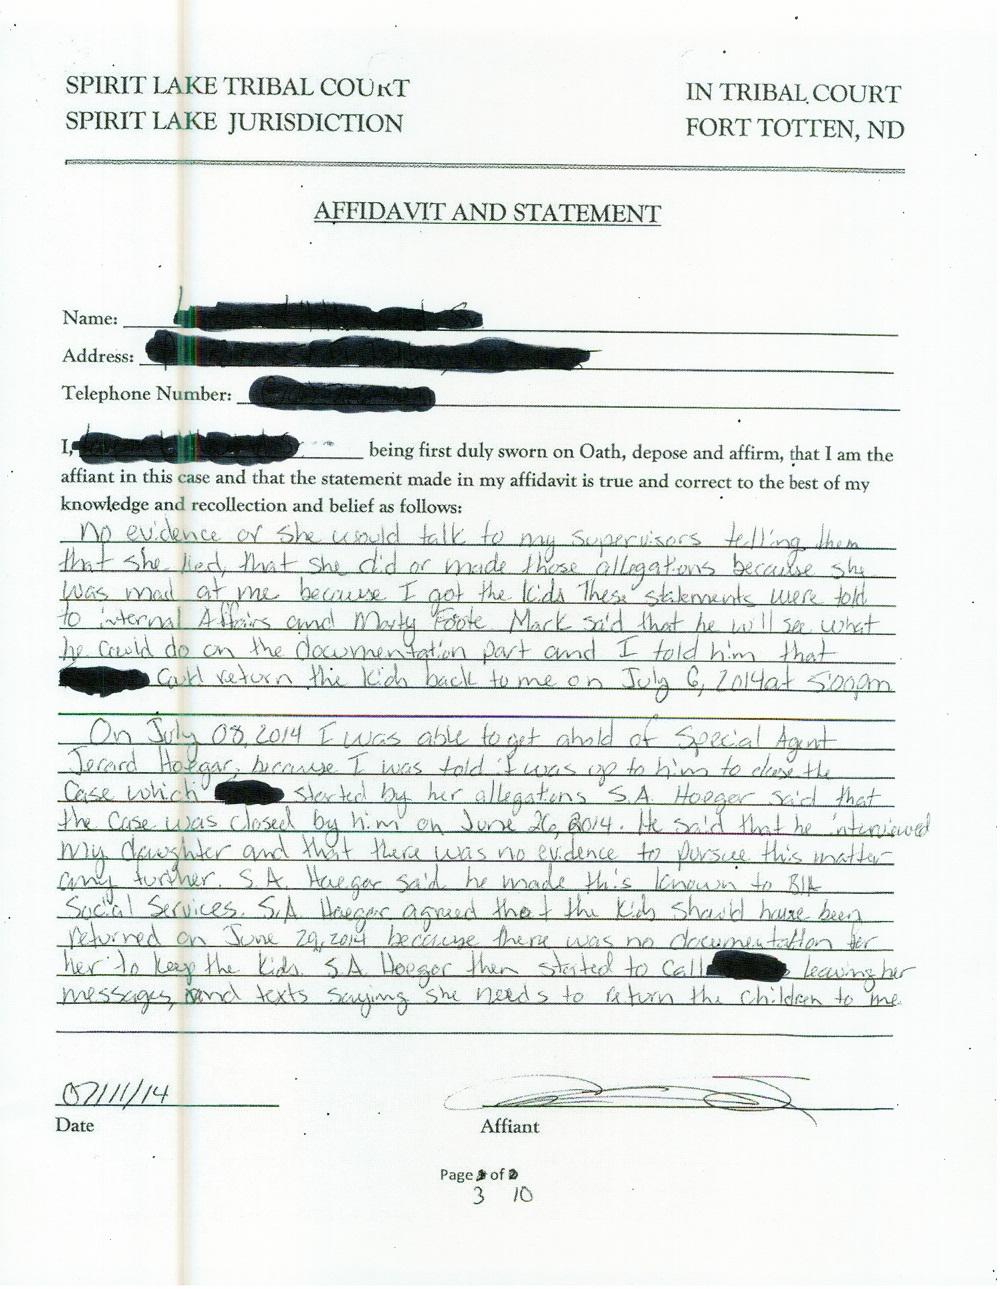 10 Page Affidavit July 11 2014 - page 3